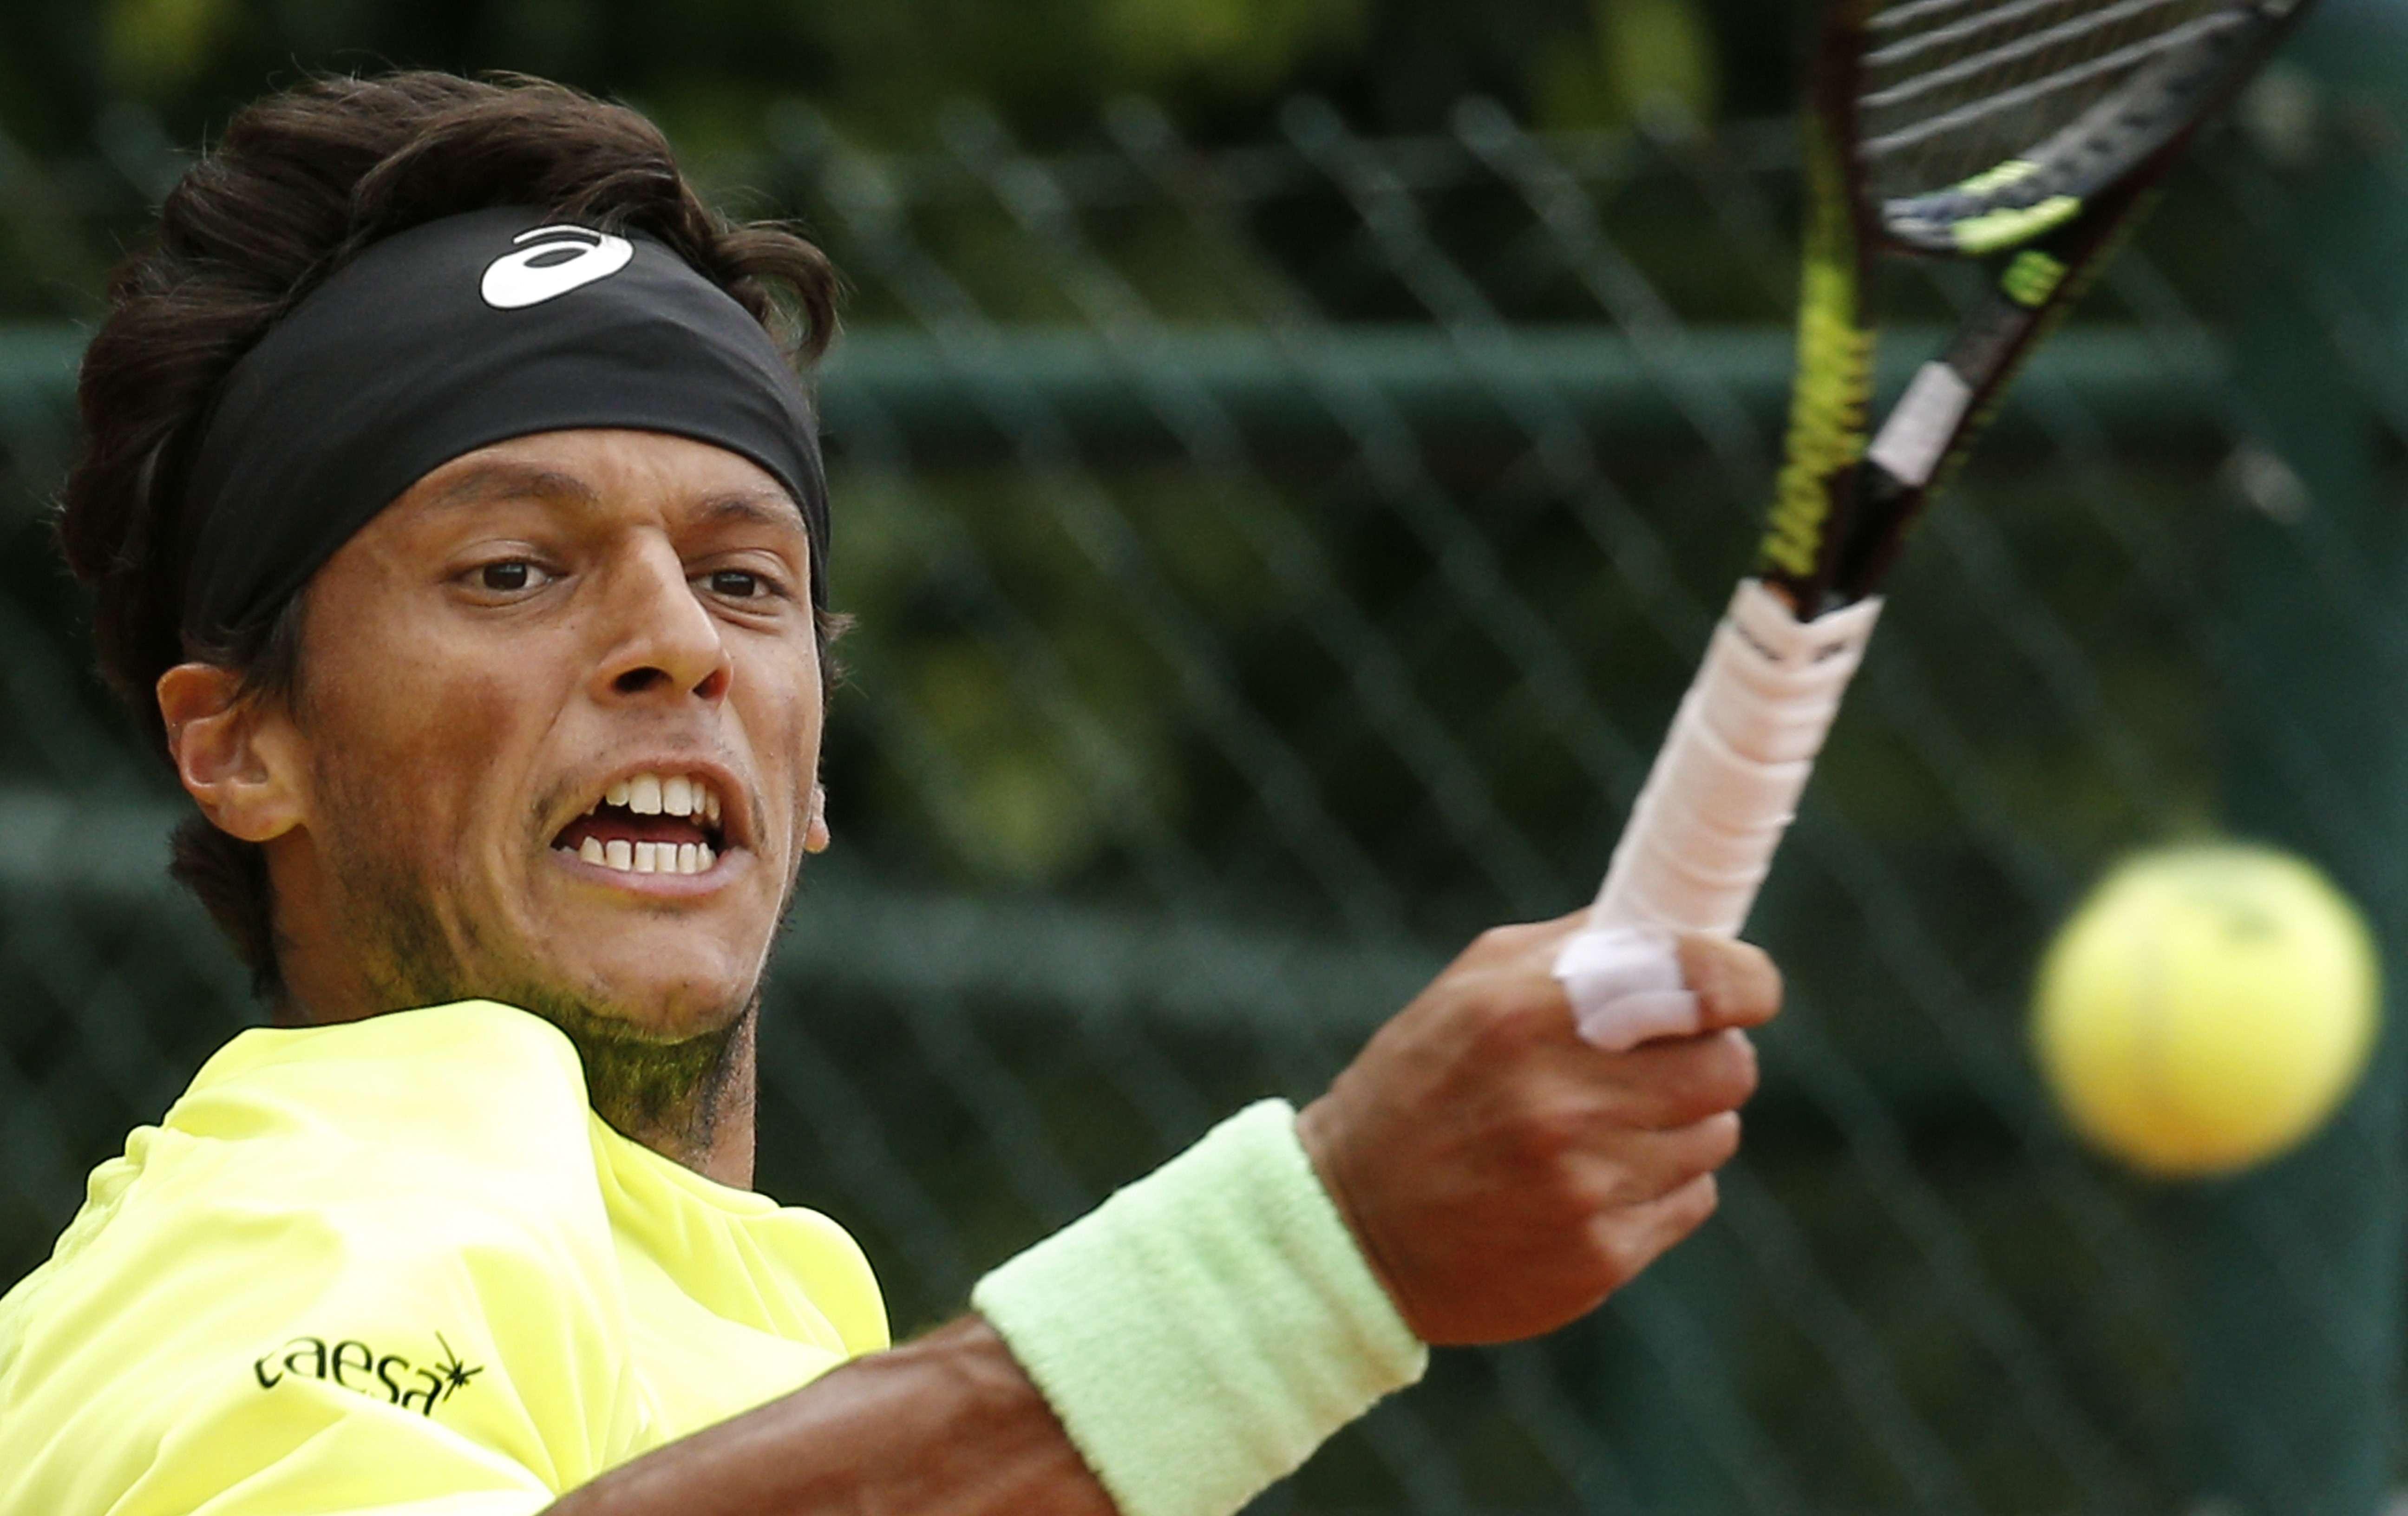 Tenista brasileño Joao Souza es suspendido provisionalmente